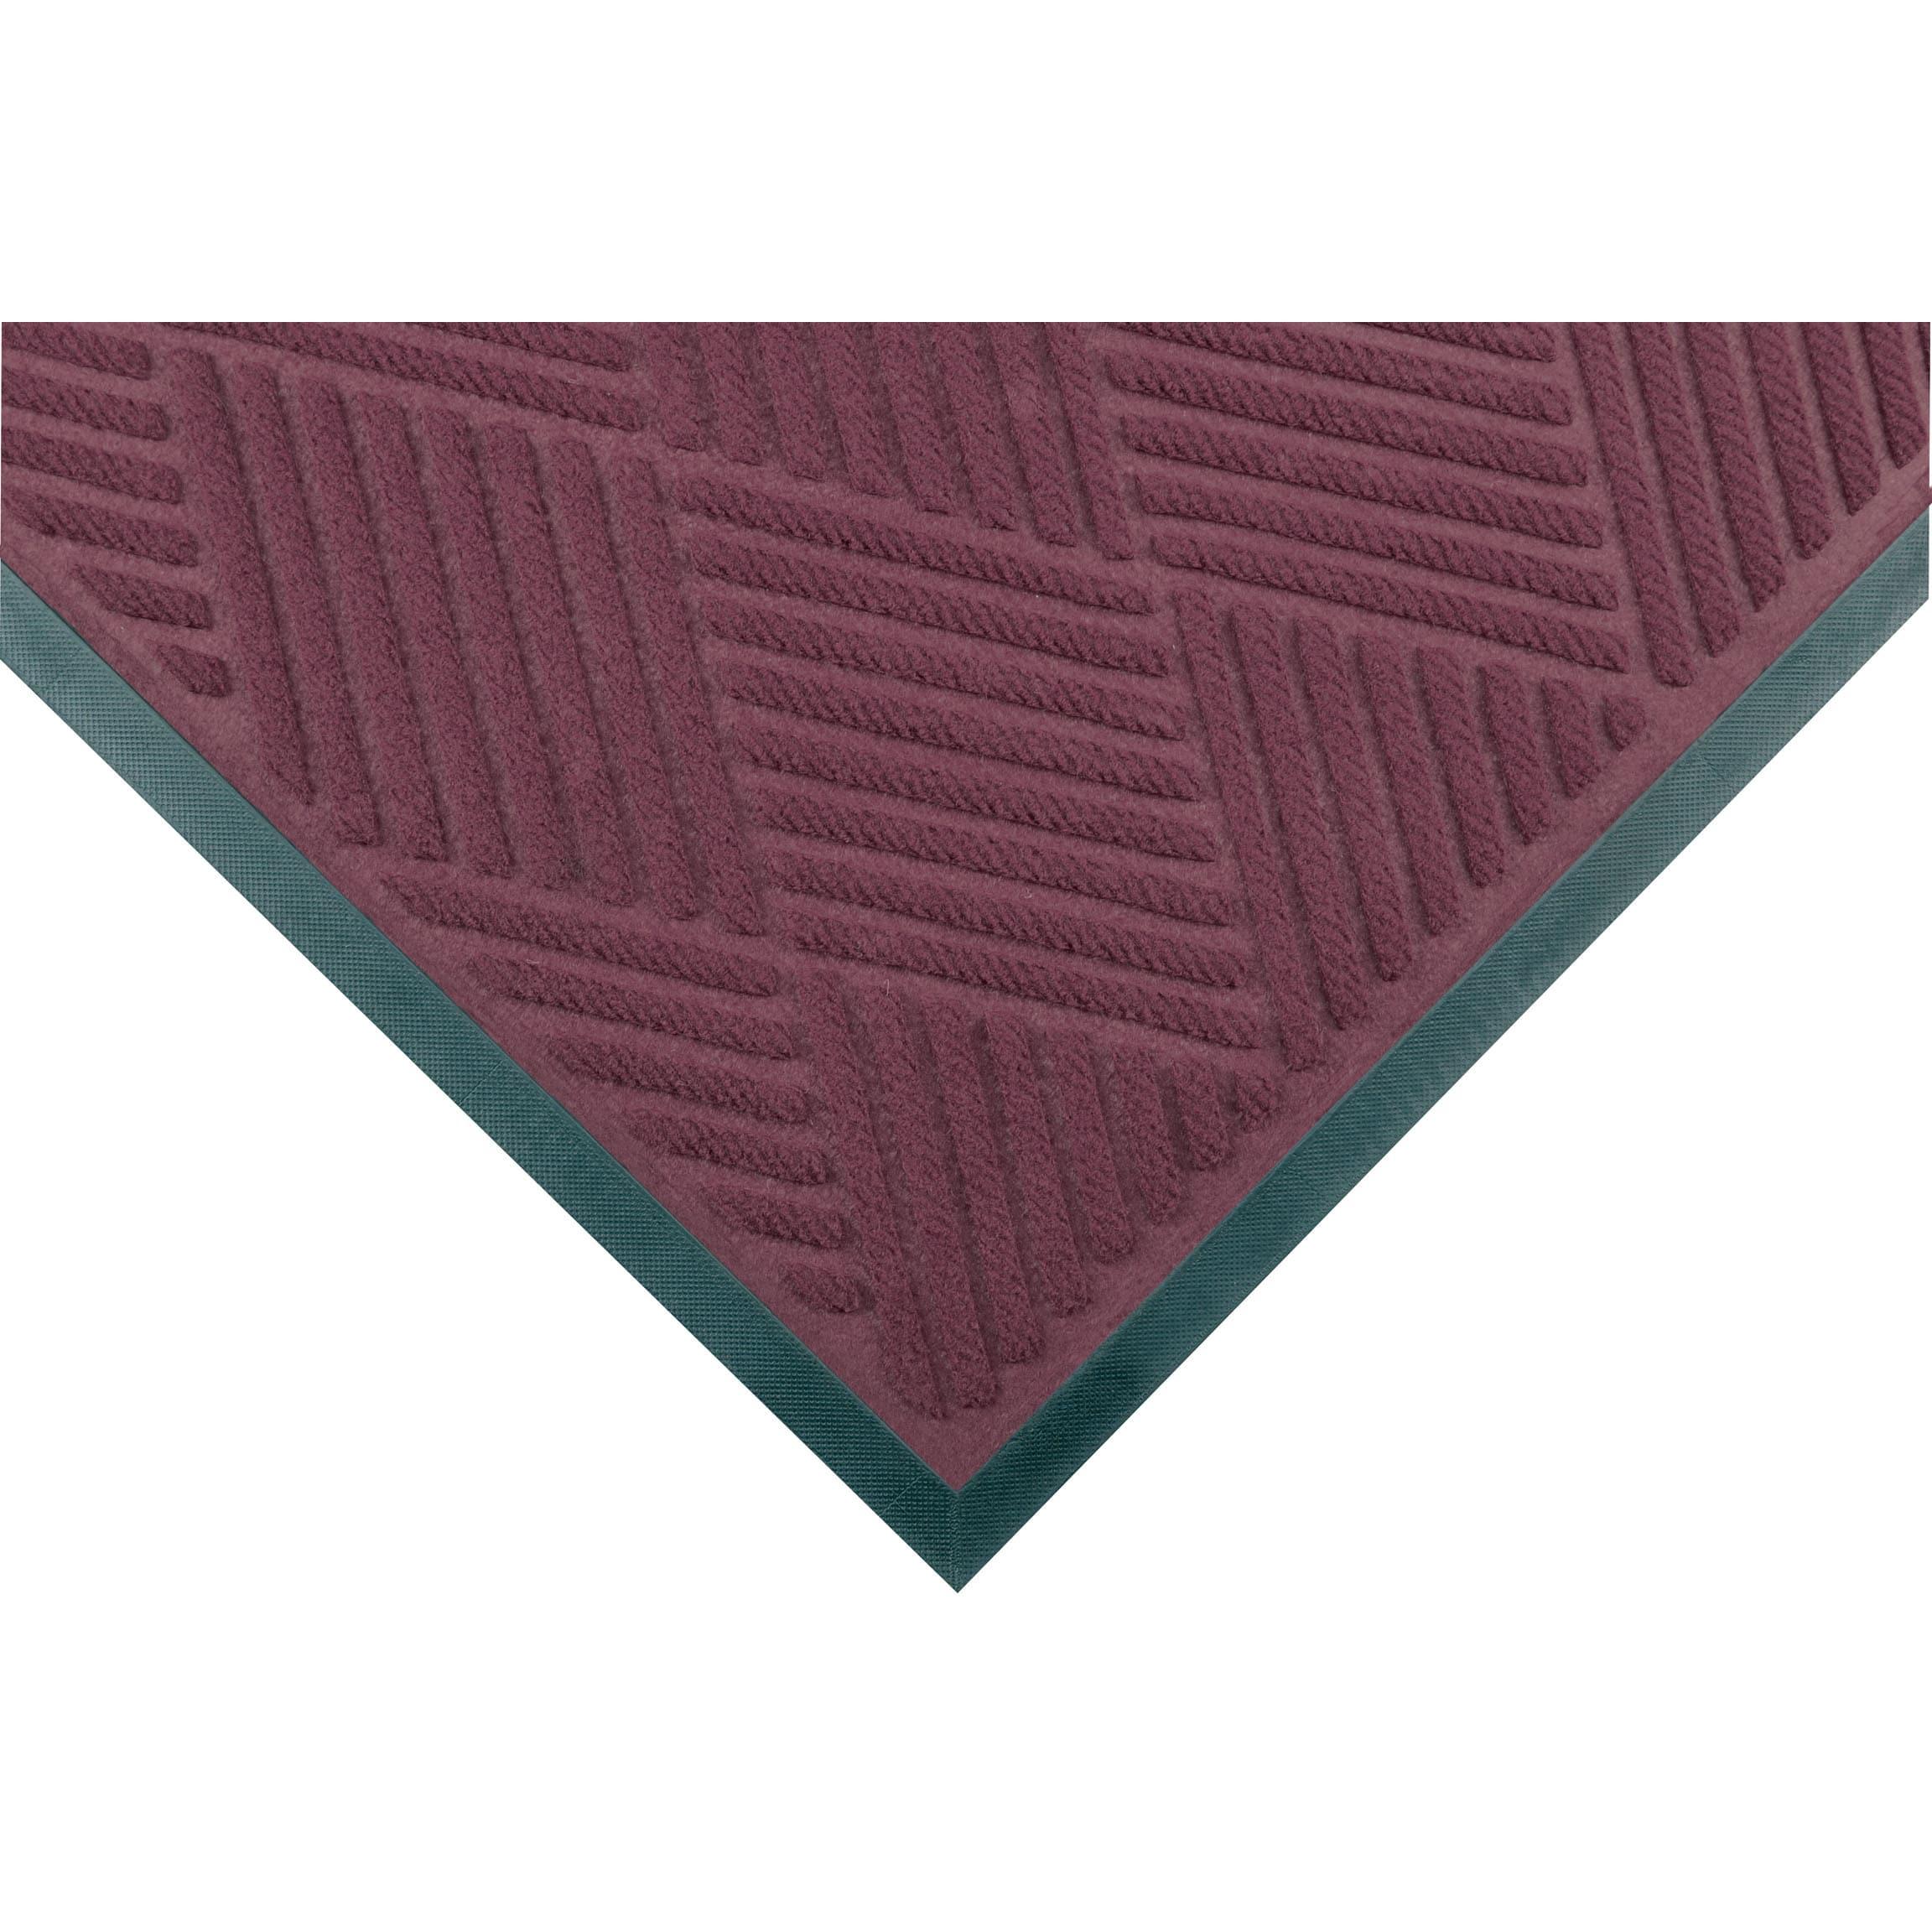 4x6 Door Mat #16 - Notrax Tufted Opus Burgundy Decalon Yarn Door Mat (4u0027 X 6u0027) - Free Shipping  Today - Overstock - 15002205